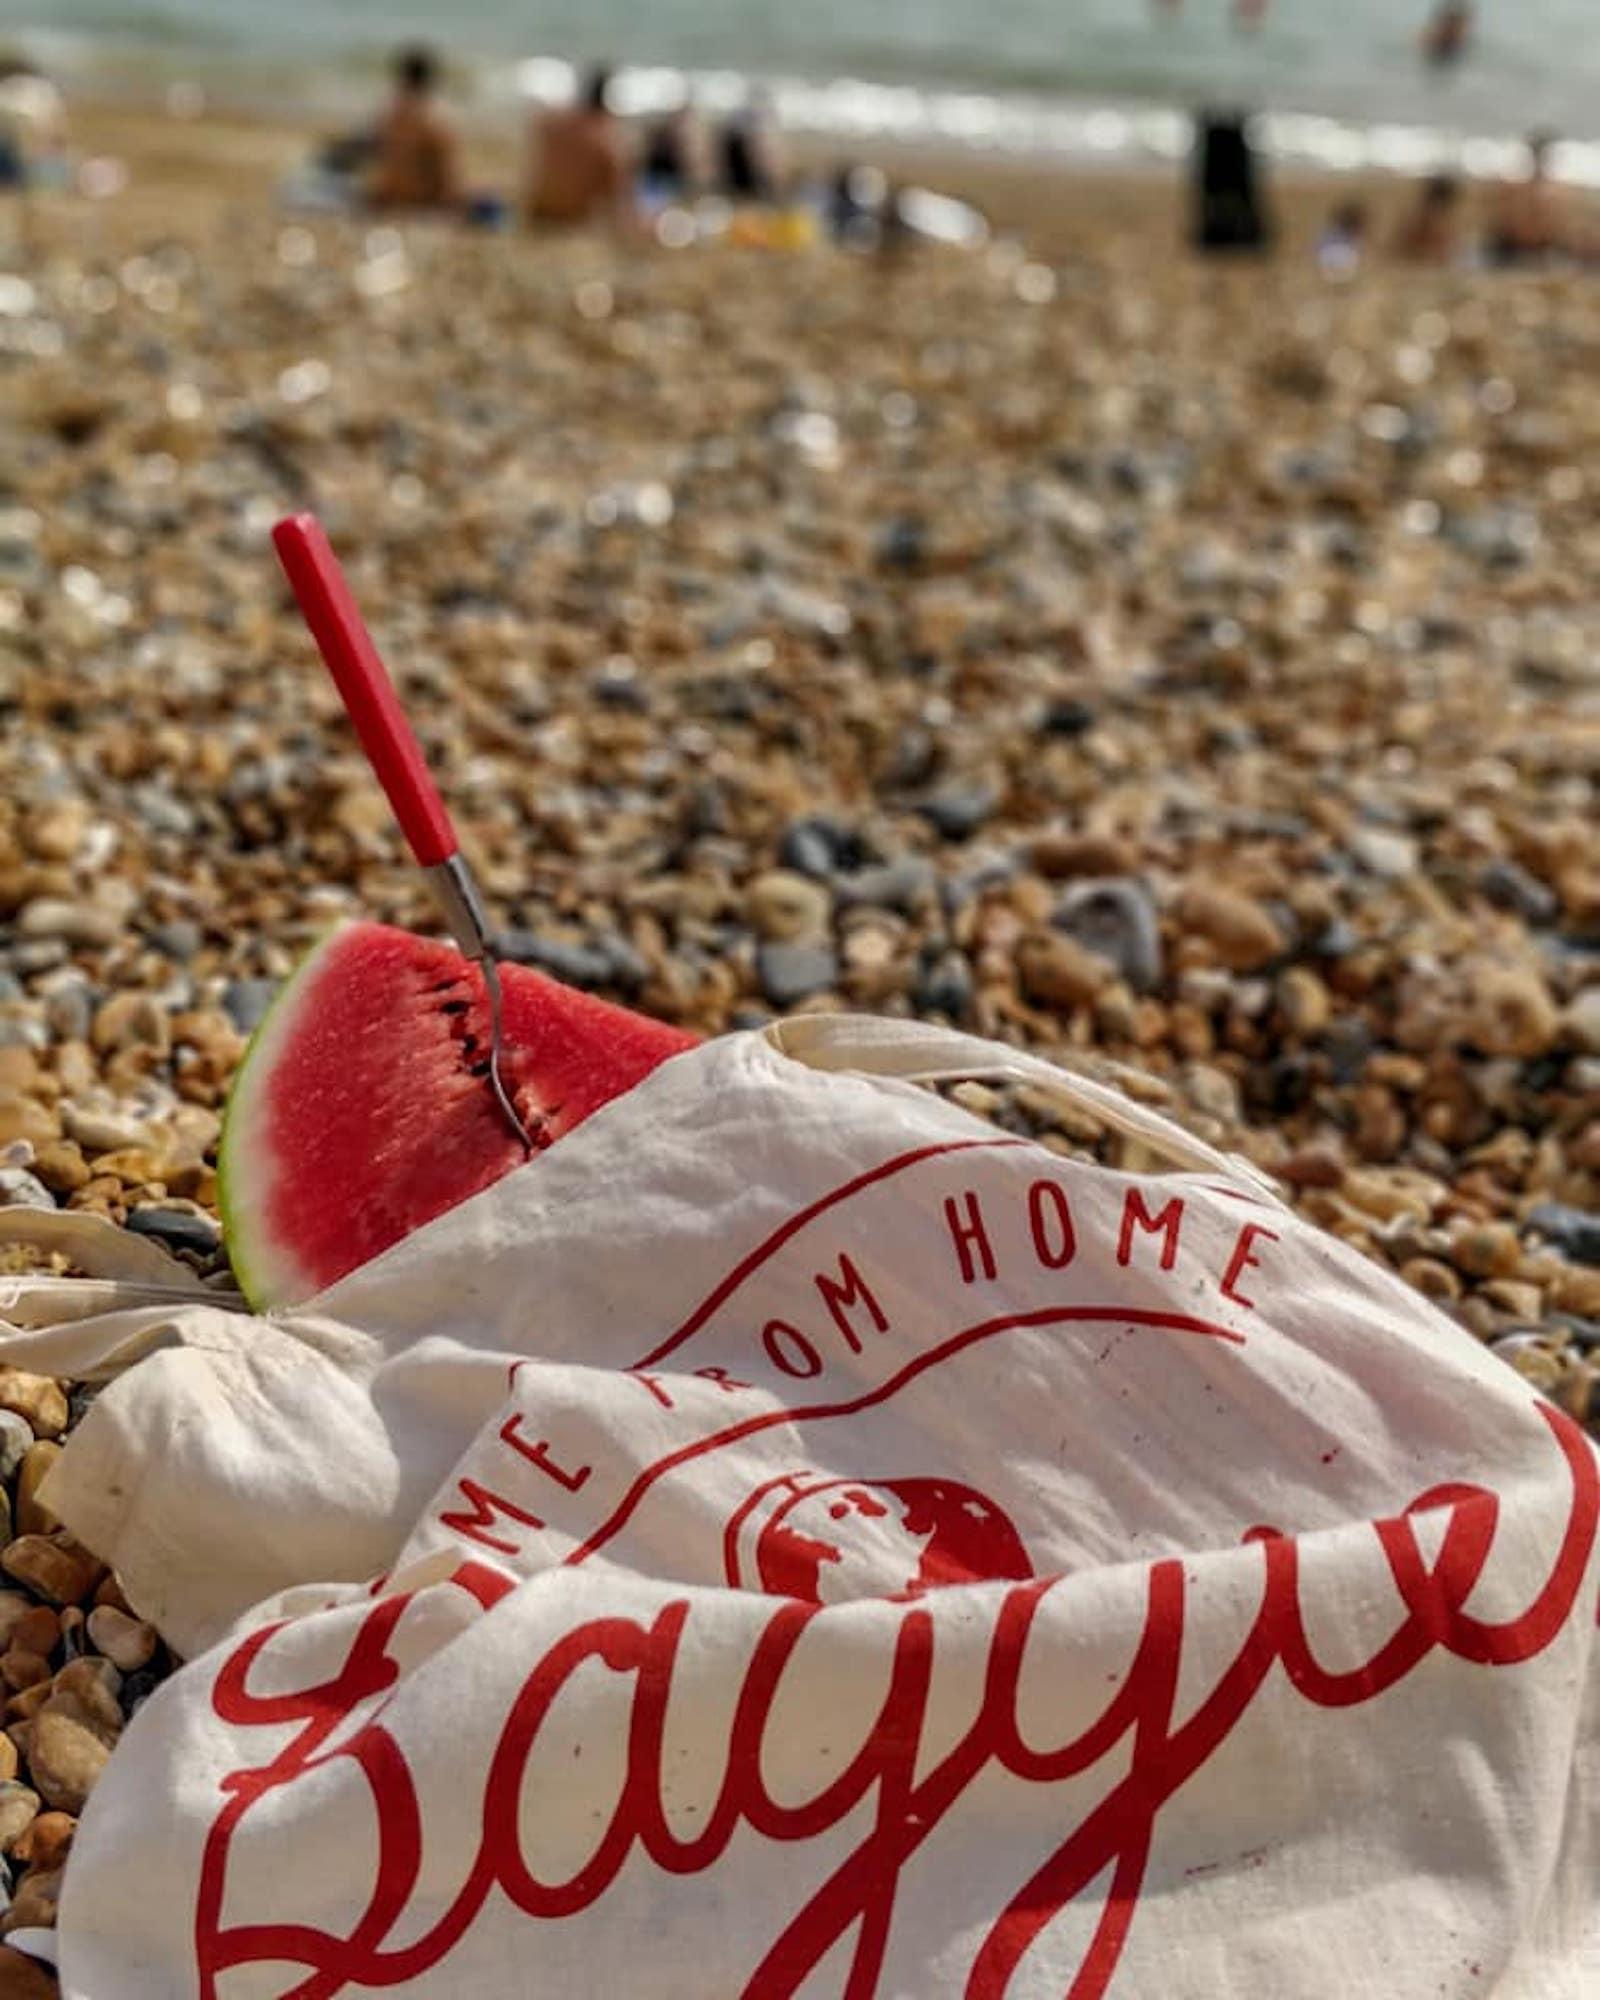 Baggies Backpackers Brighton